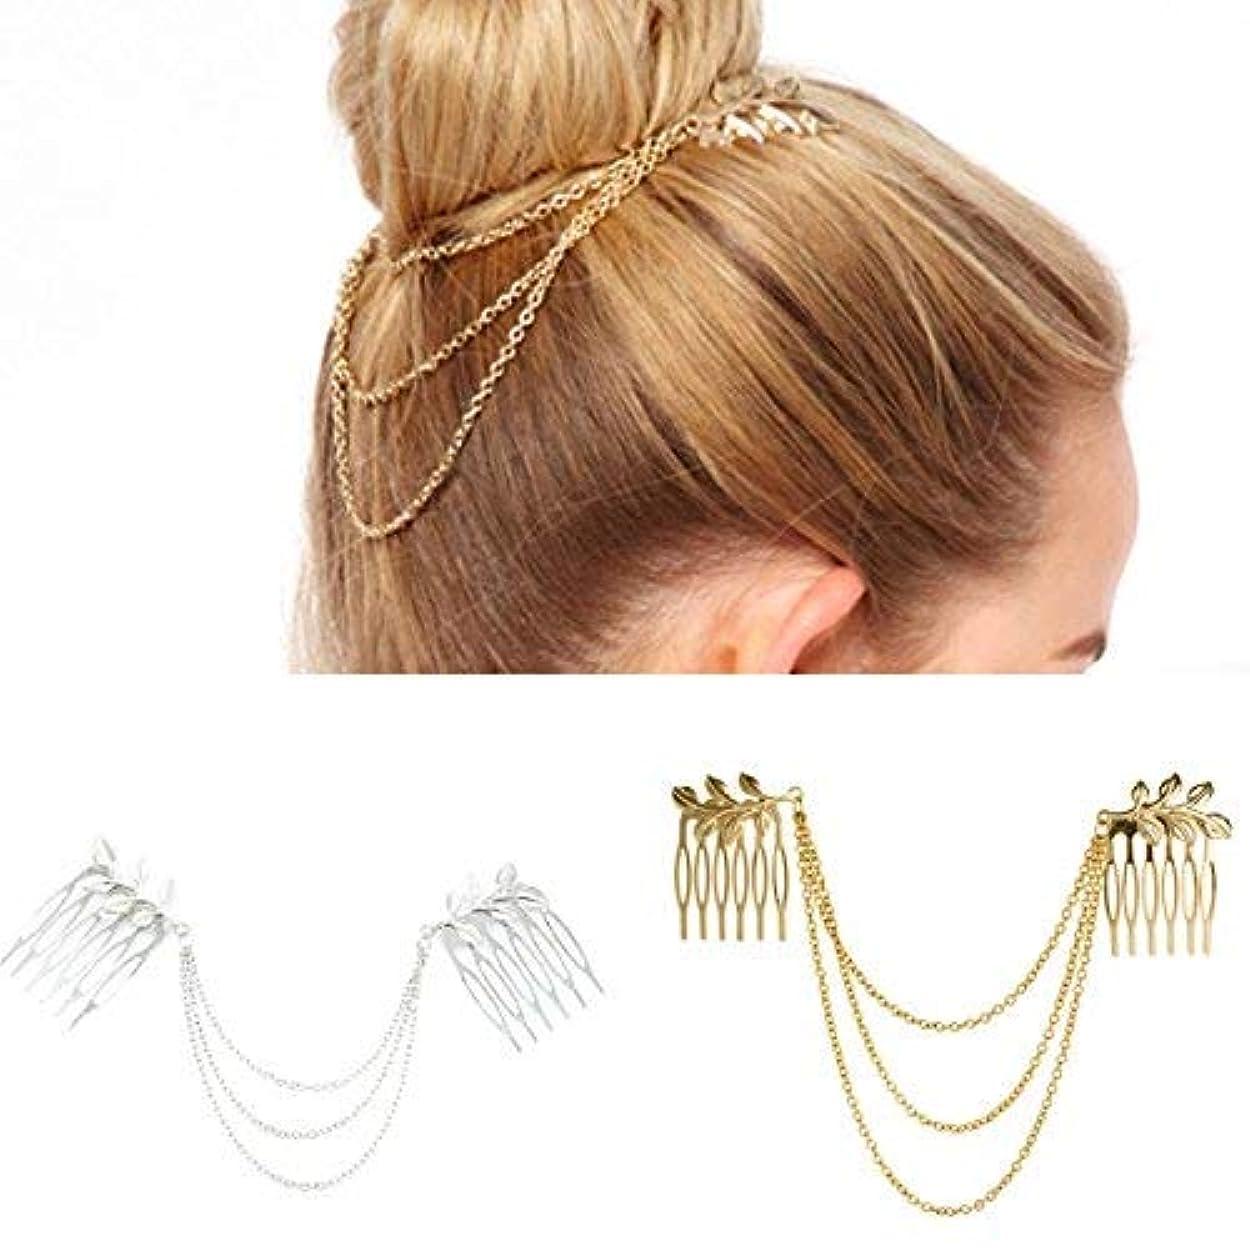 獣パンダ仮定Numblartd 2 Pcs Women BOHO Chic Metal Leaf Chain Tassel Headband Hair Comb - Fashion Fringe Hair Clip Pins Hairpin...